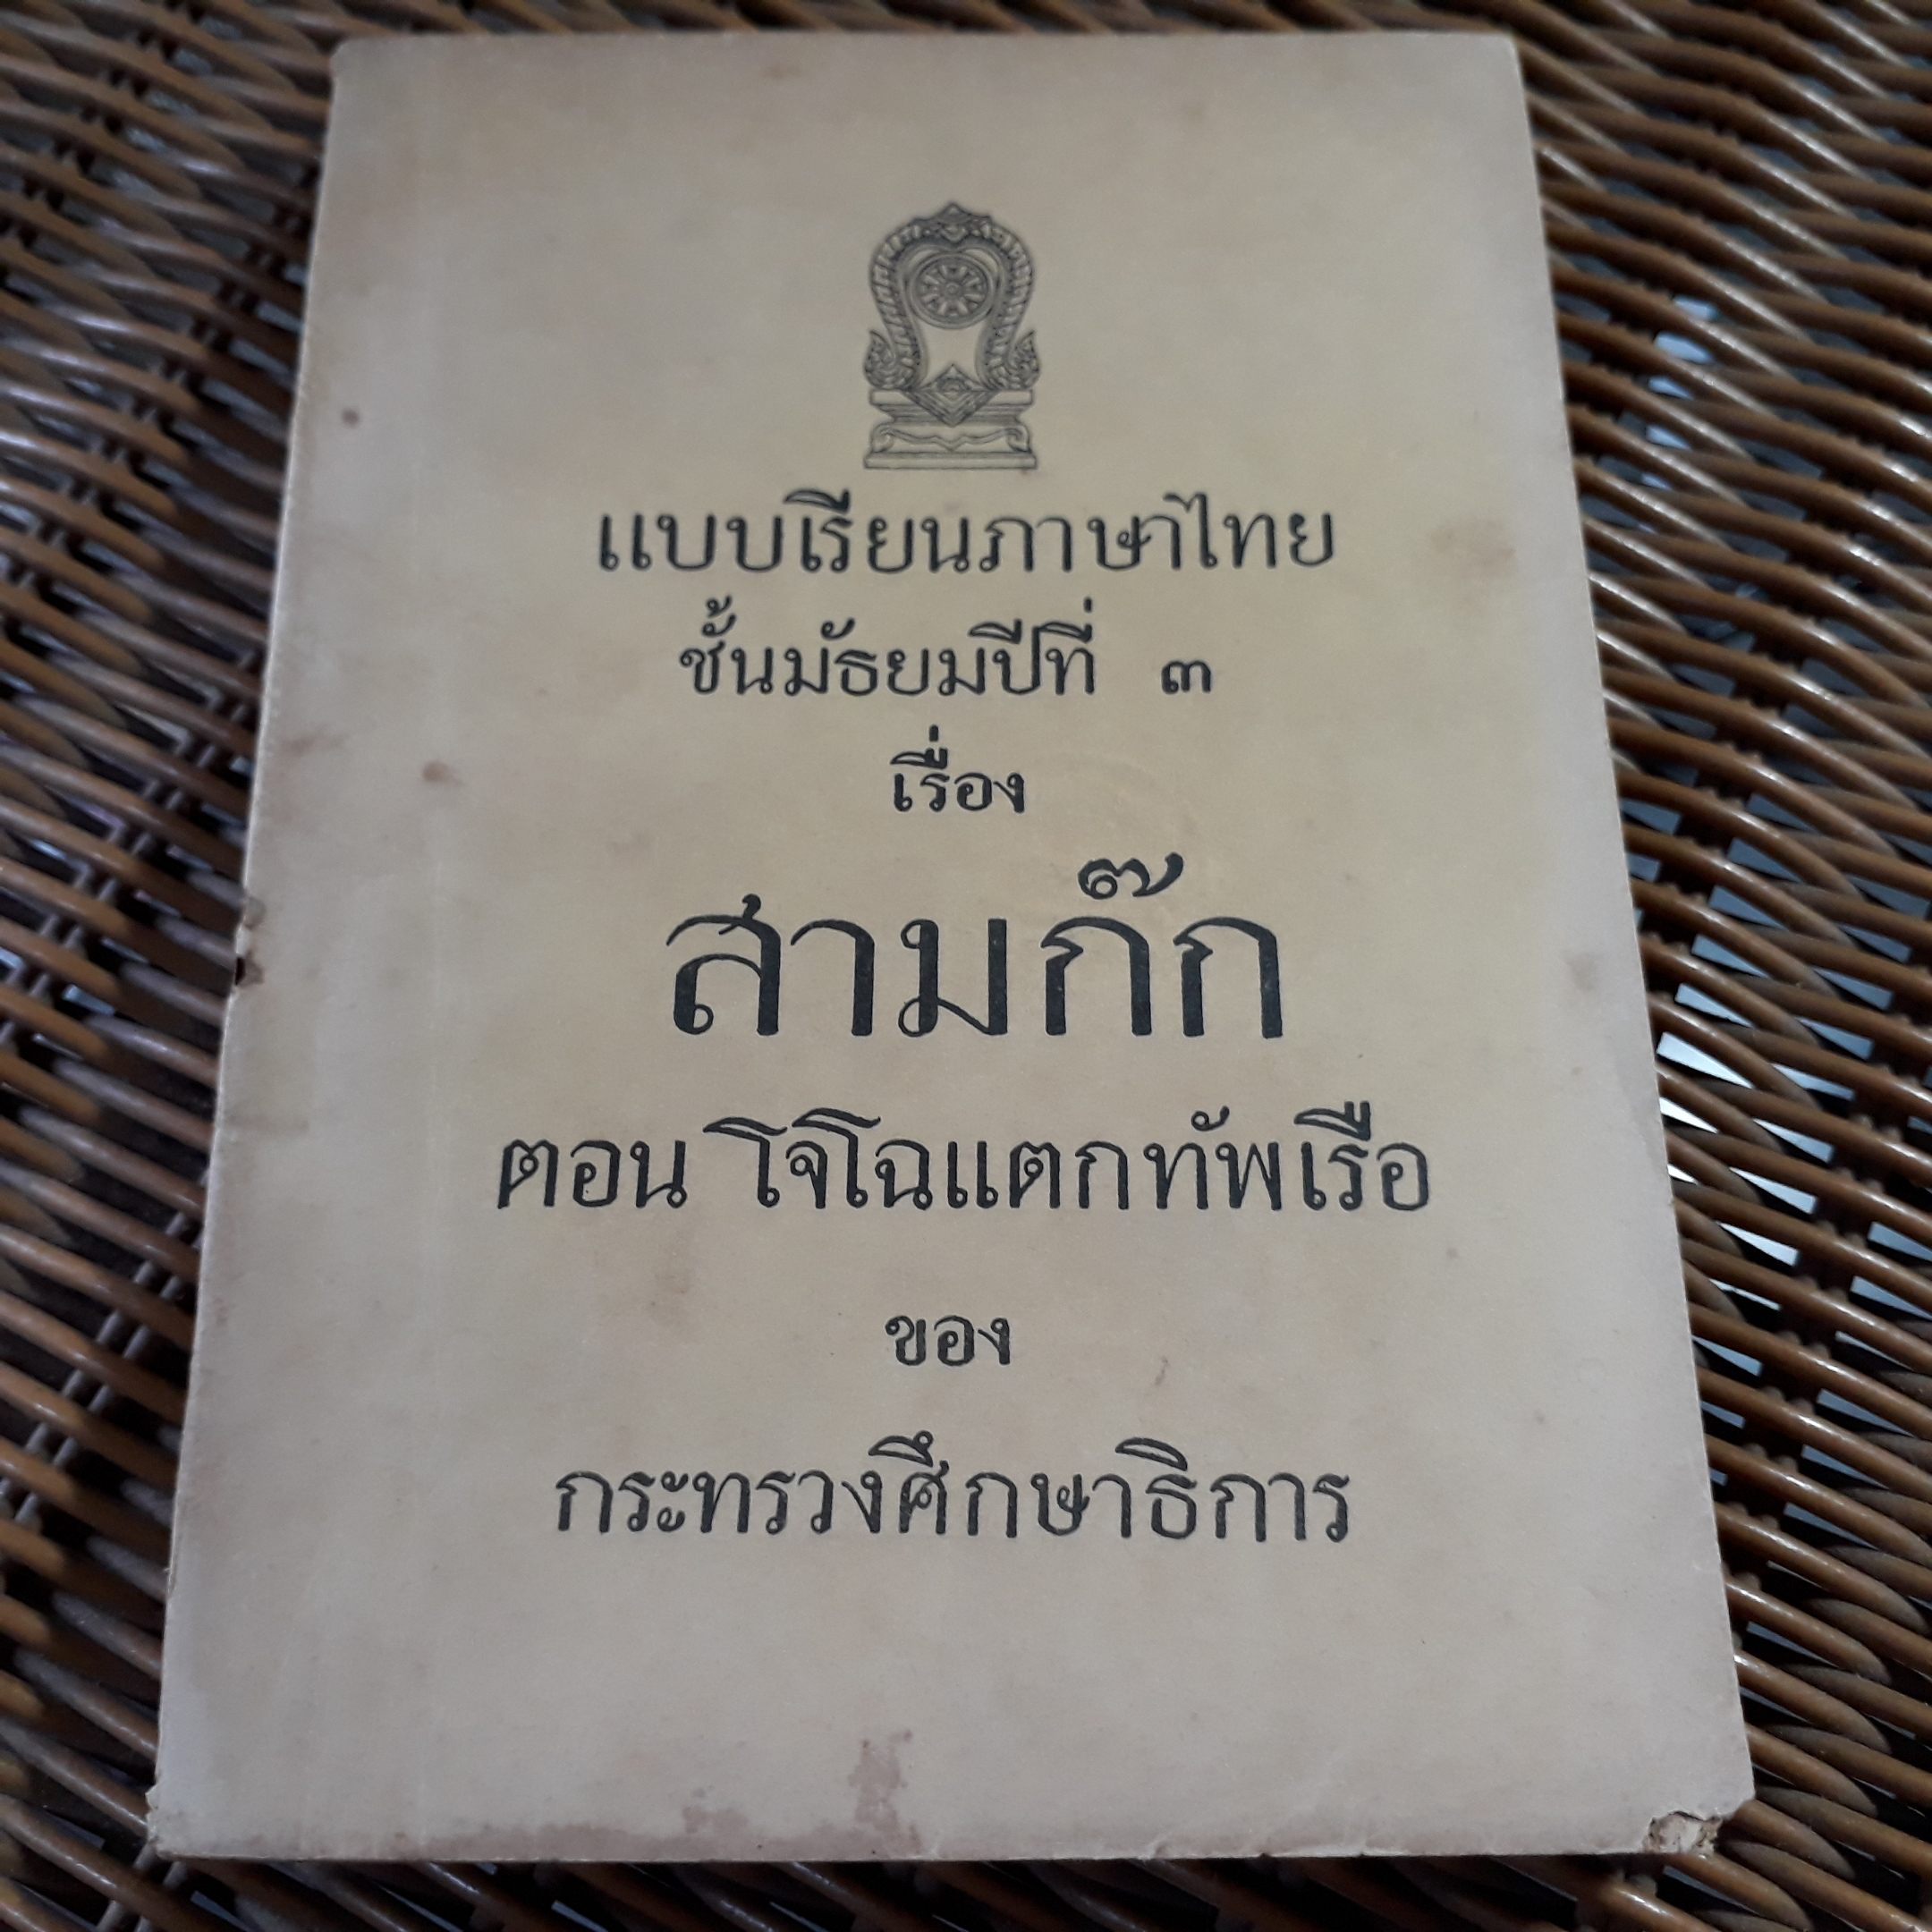 แบบเรียนภาษาไทย ชั้นมัธยมปีที่ 3 เรื่อง สามก๊ก ตอนโจโฉแตกทัพเรือ/ เจ้าพระยาพระคลัง(หน)